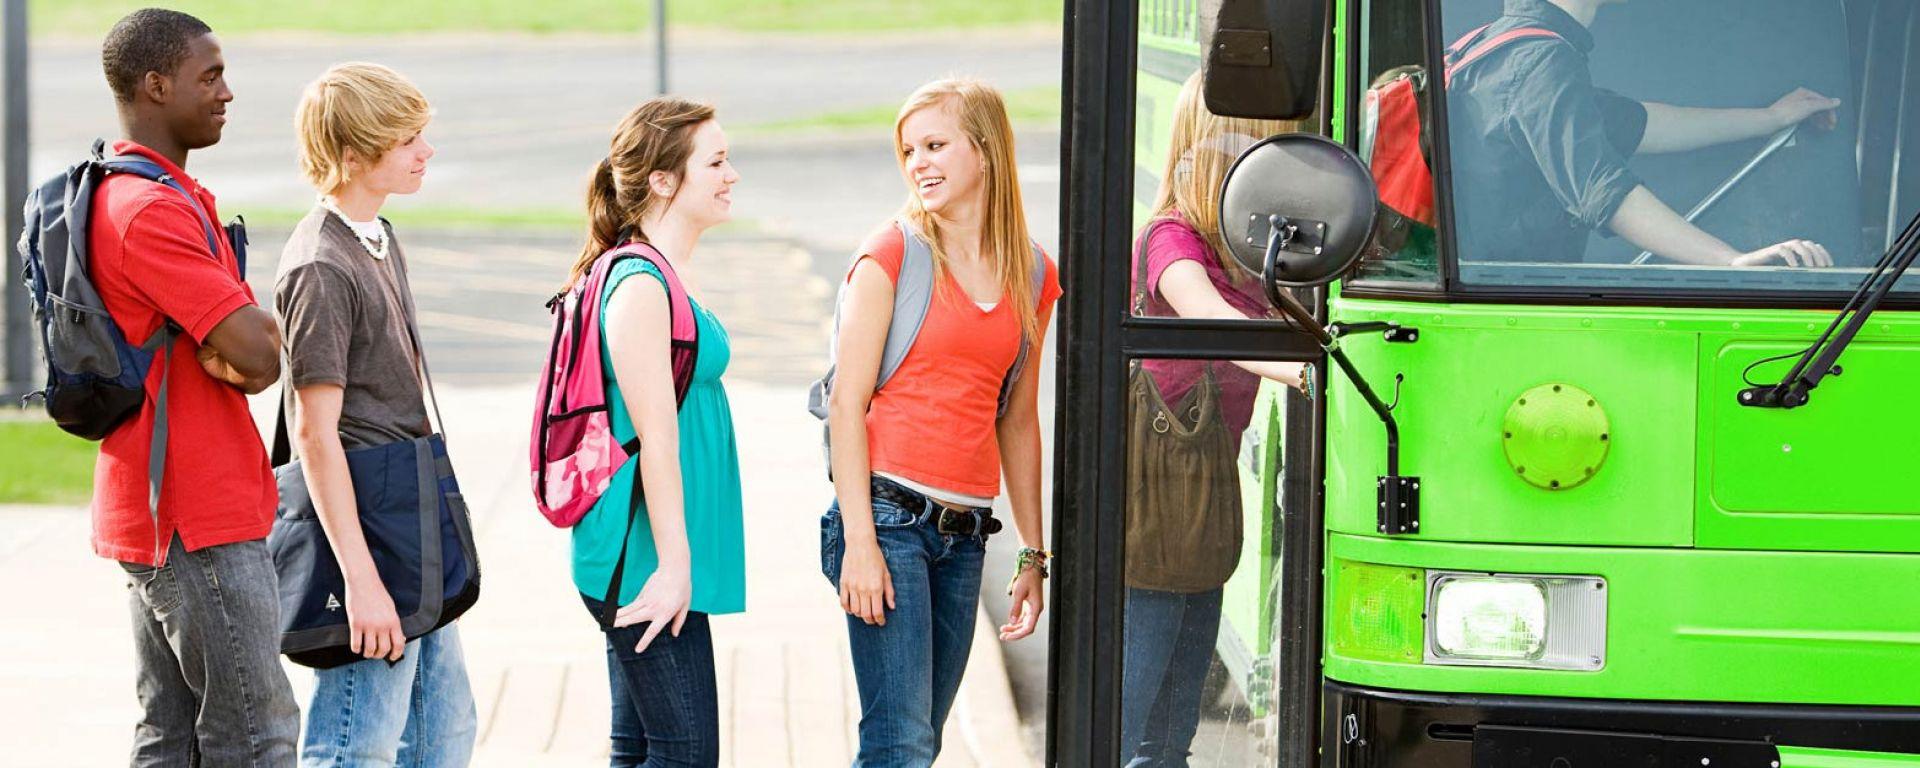 Gite scolastiche in pullman, le regole di sicurezza